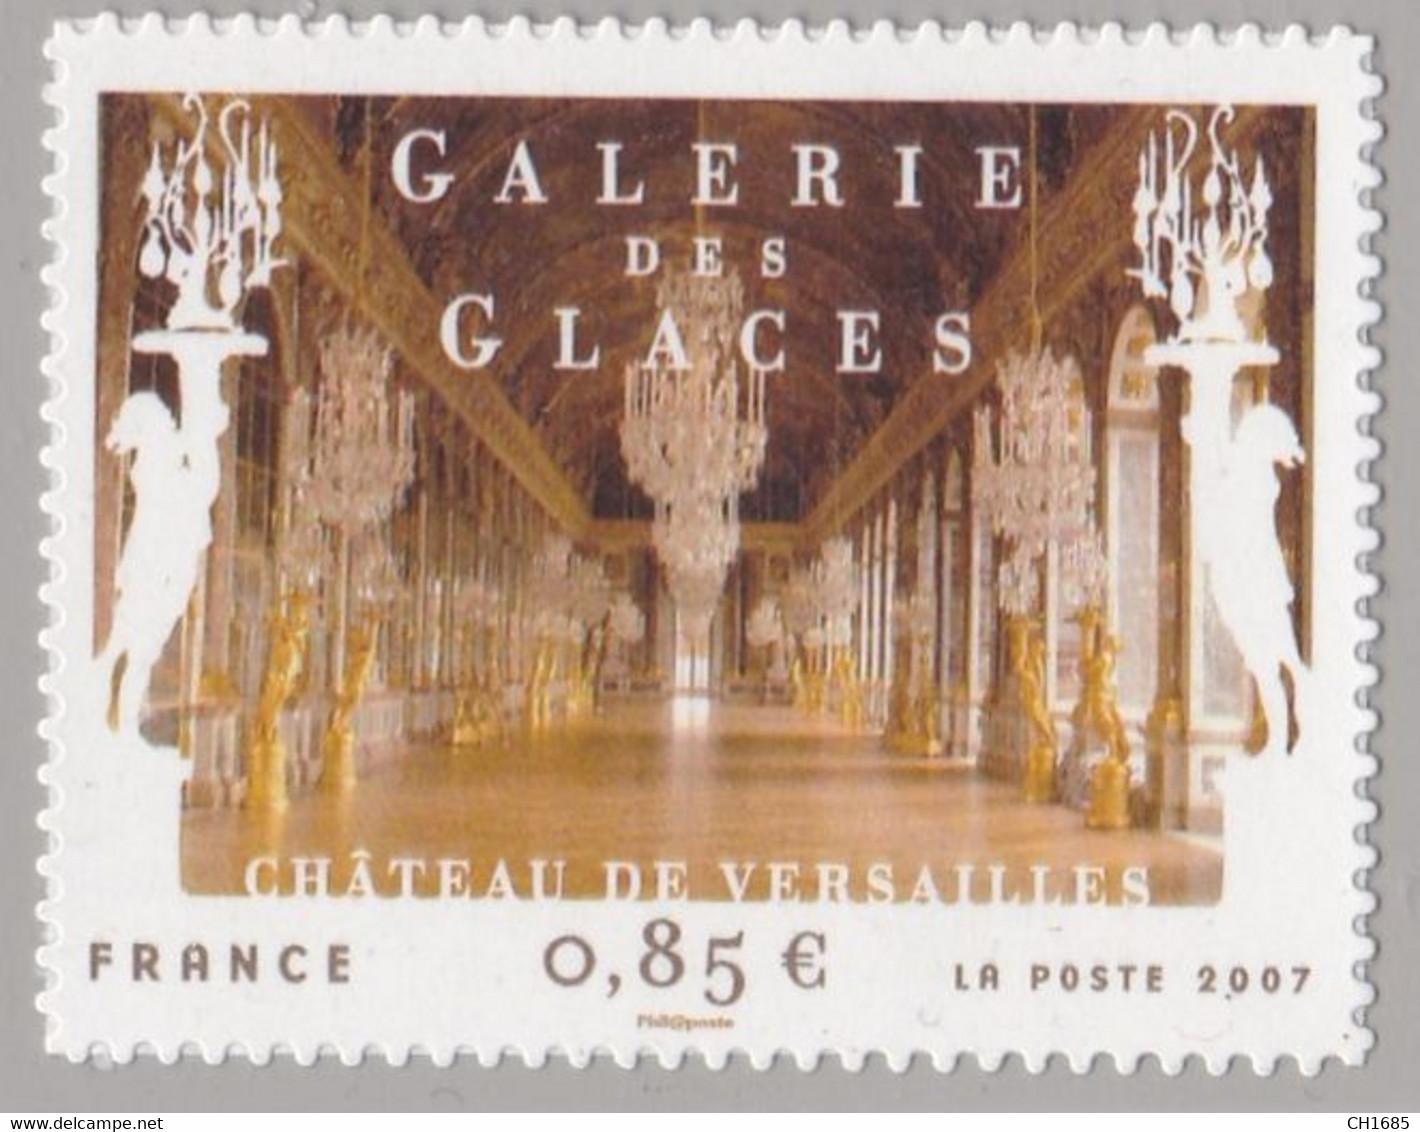 Adhésif 206 Galerie Des Glaces Versailles Neuf Sur Support D'origine Cote 48 € - Luchtpost